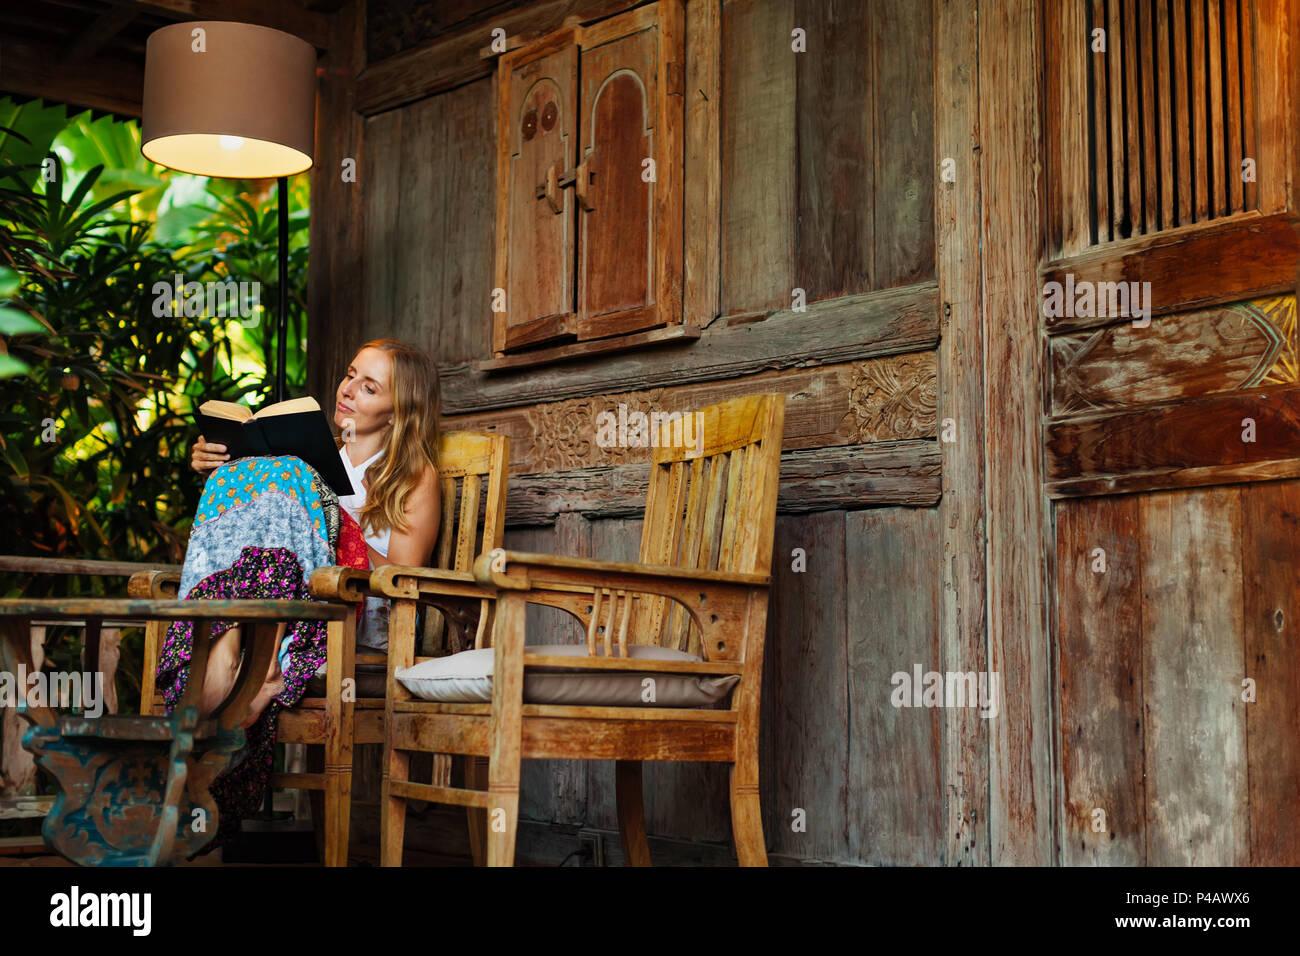 Atractiva chica sentarse en la terraza al aire libre del bungalow de madera con vista al jardín tropical, leer romance en libro de papel. Mujer joven relajándose en la villa de lujo Imagen De Stock